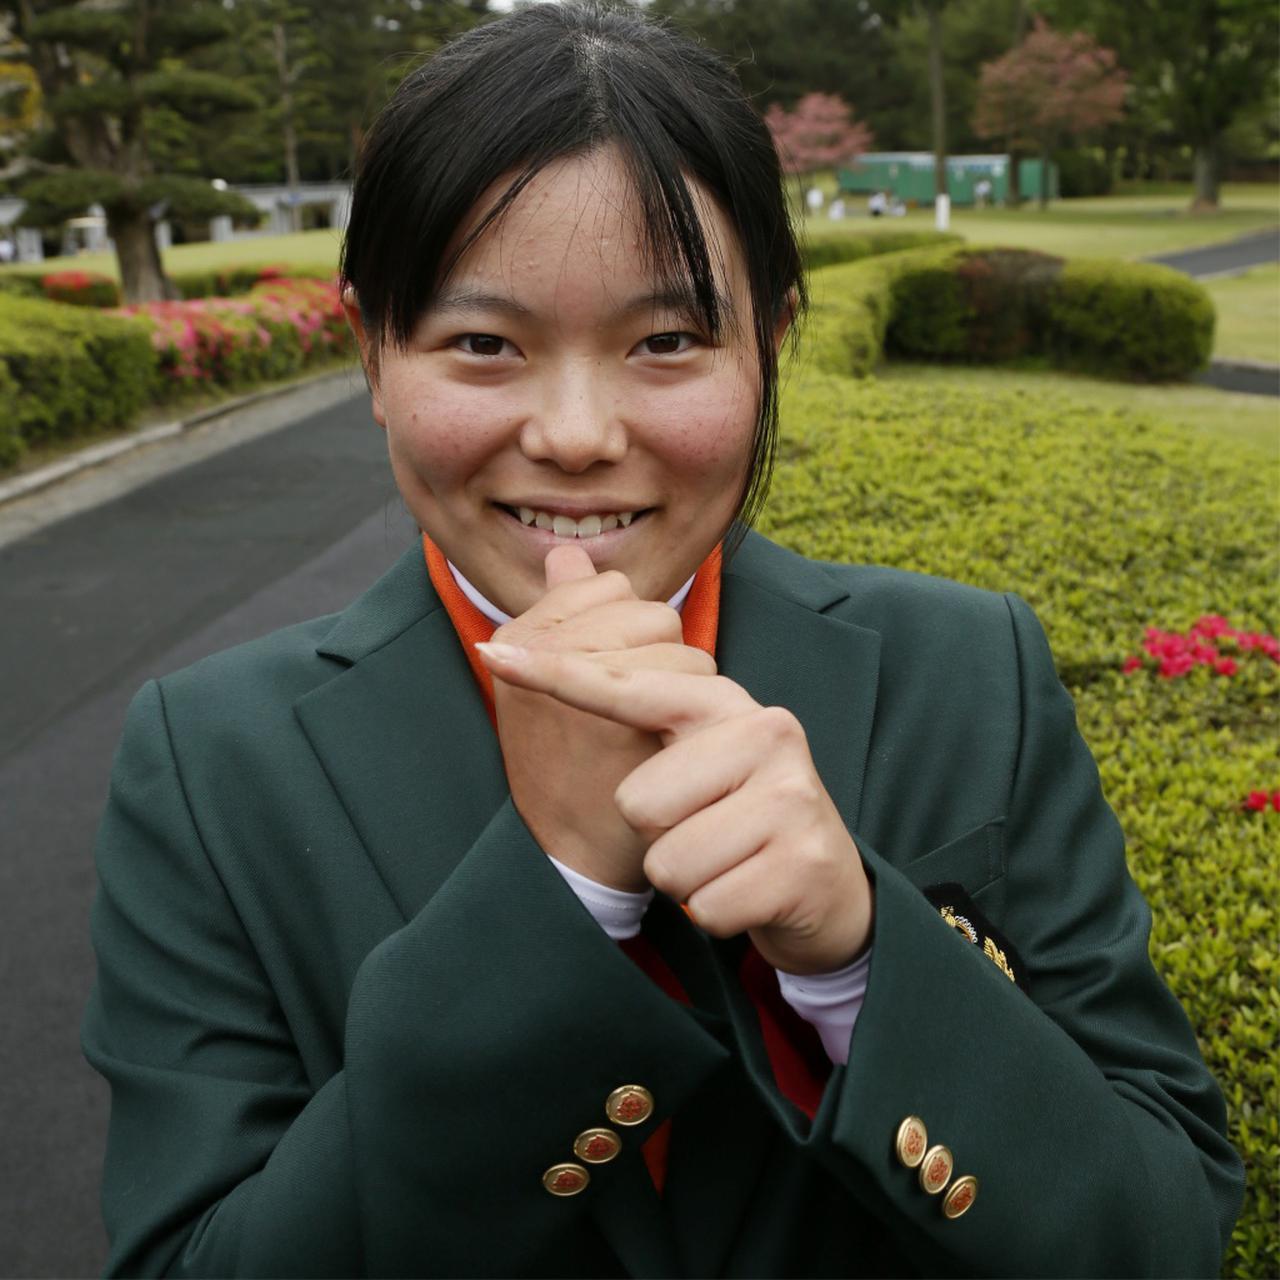 画像1: 【ゴルフ史】記憶と記録に残る。21世紀ニッポンのツアー、そのとき歴史は動いた